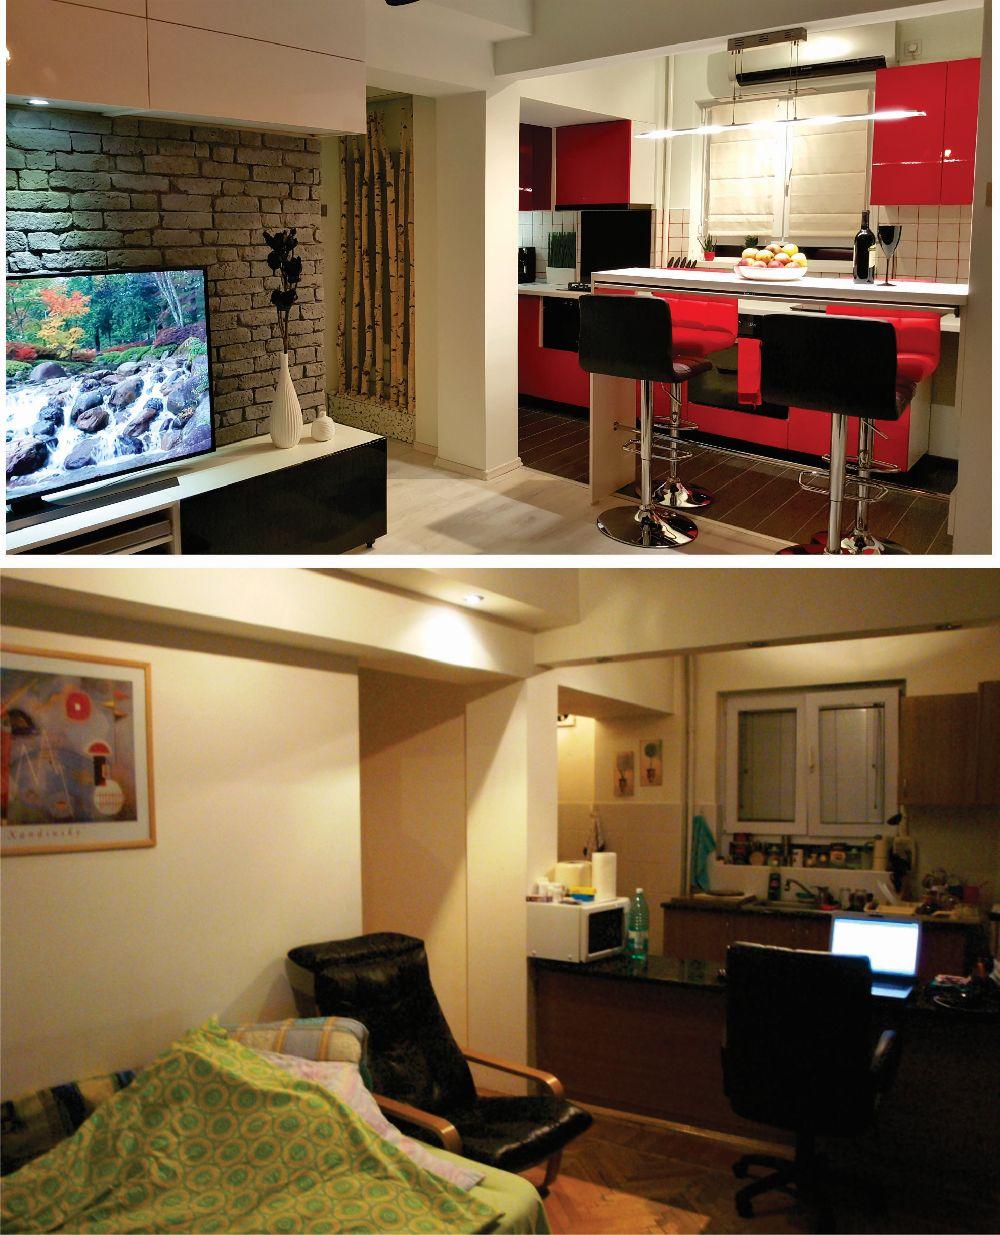 adelaparvu.com despre renovare apartament 2 camere Bucuresti, arh Andreea Besliu (12)